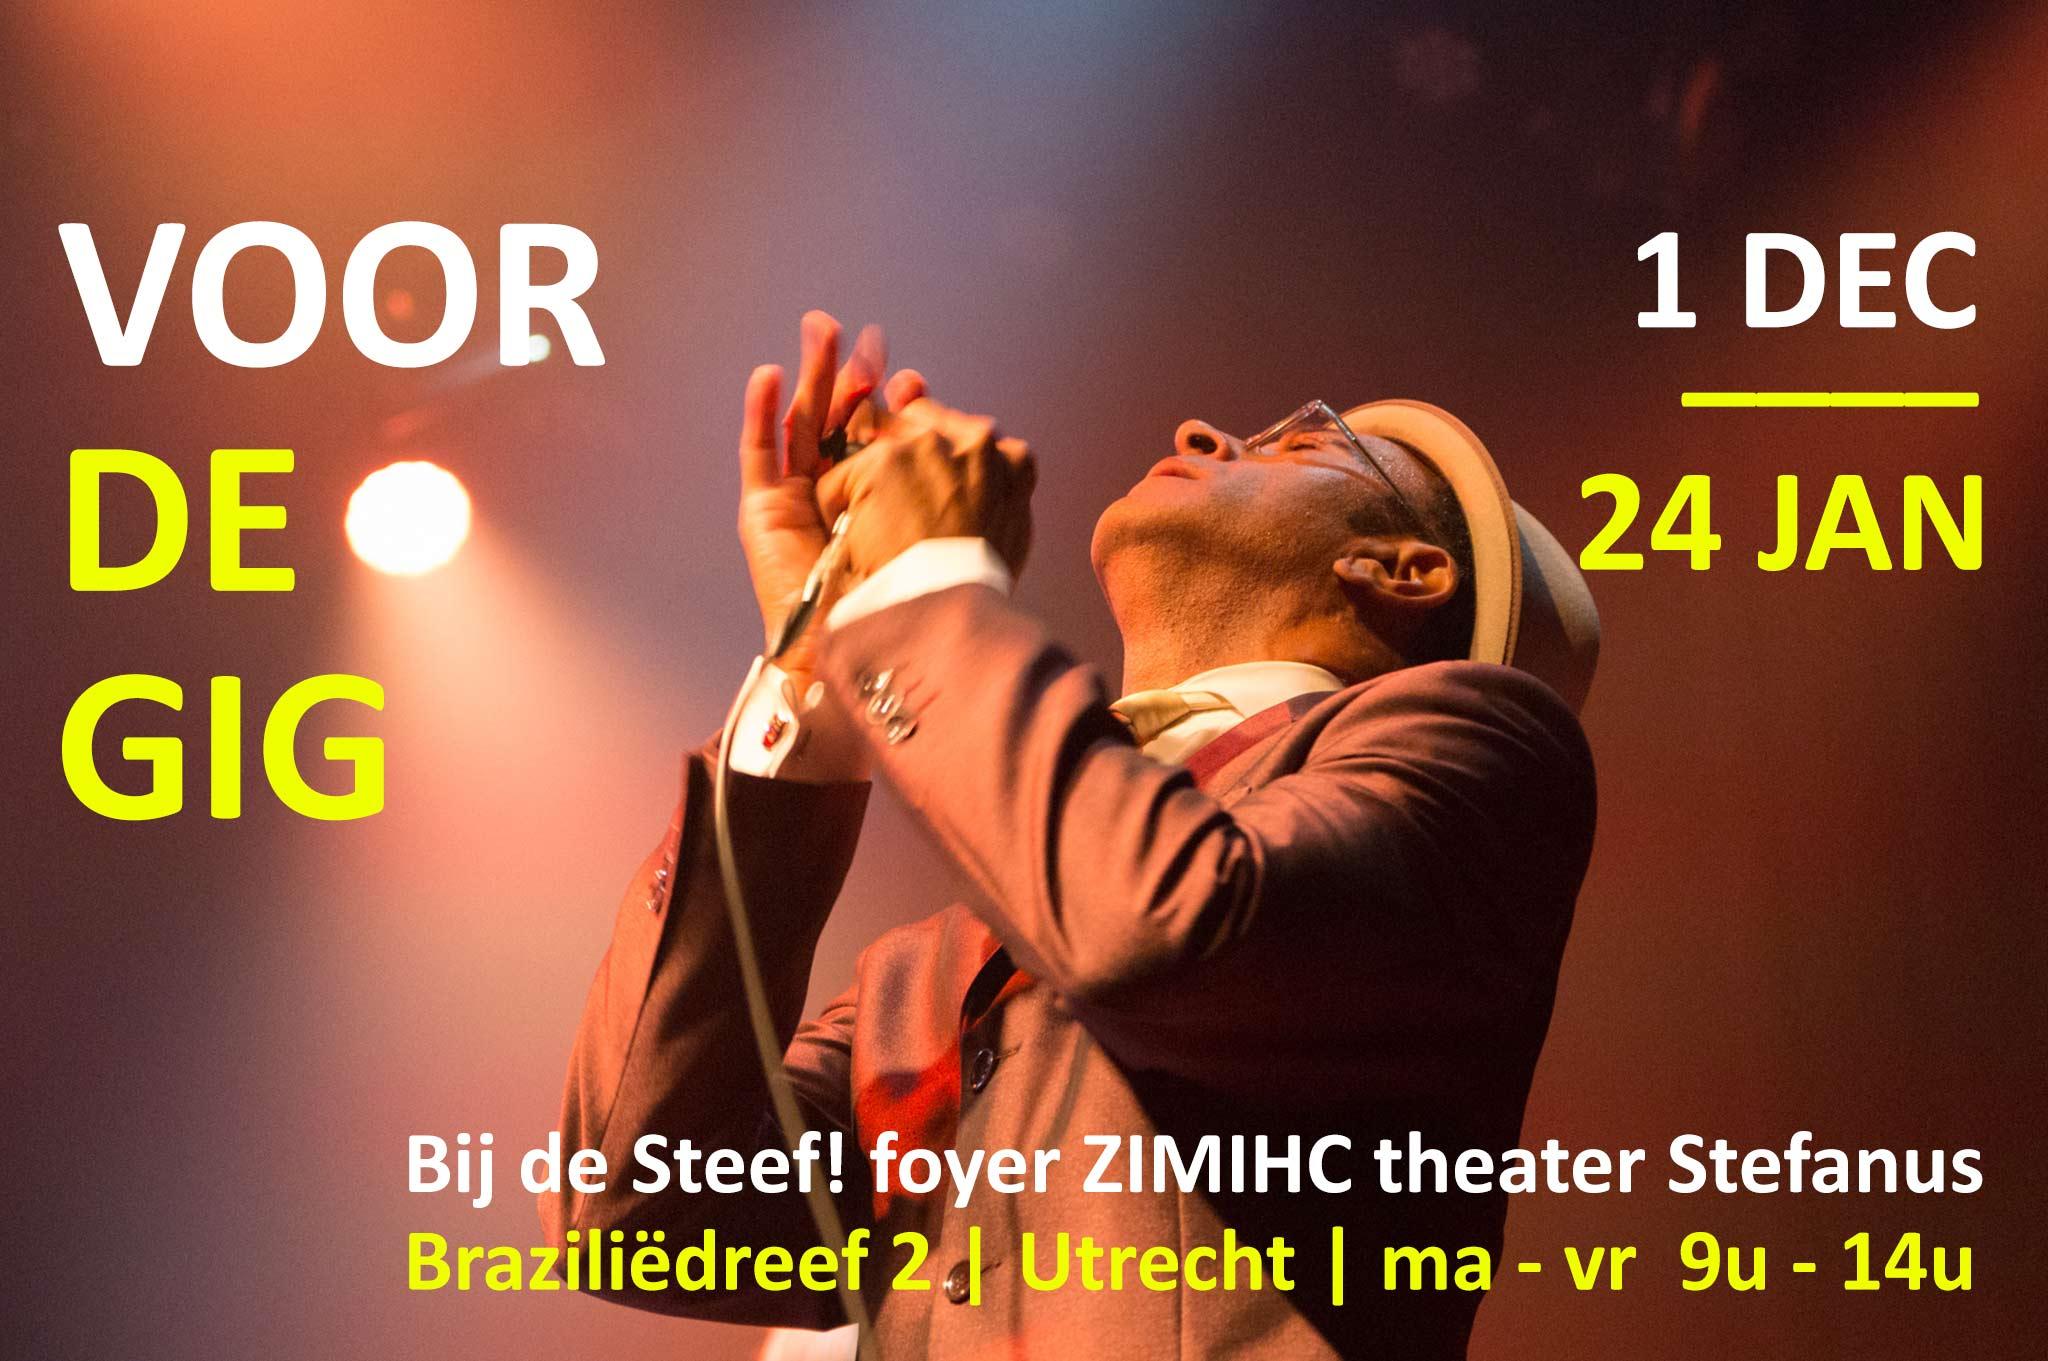 foto-expositie 'Voor de gig' ZIMIHC theater Stefaus Utrecht